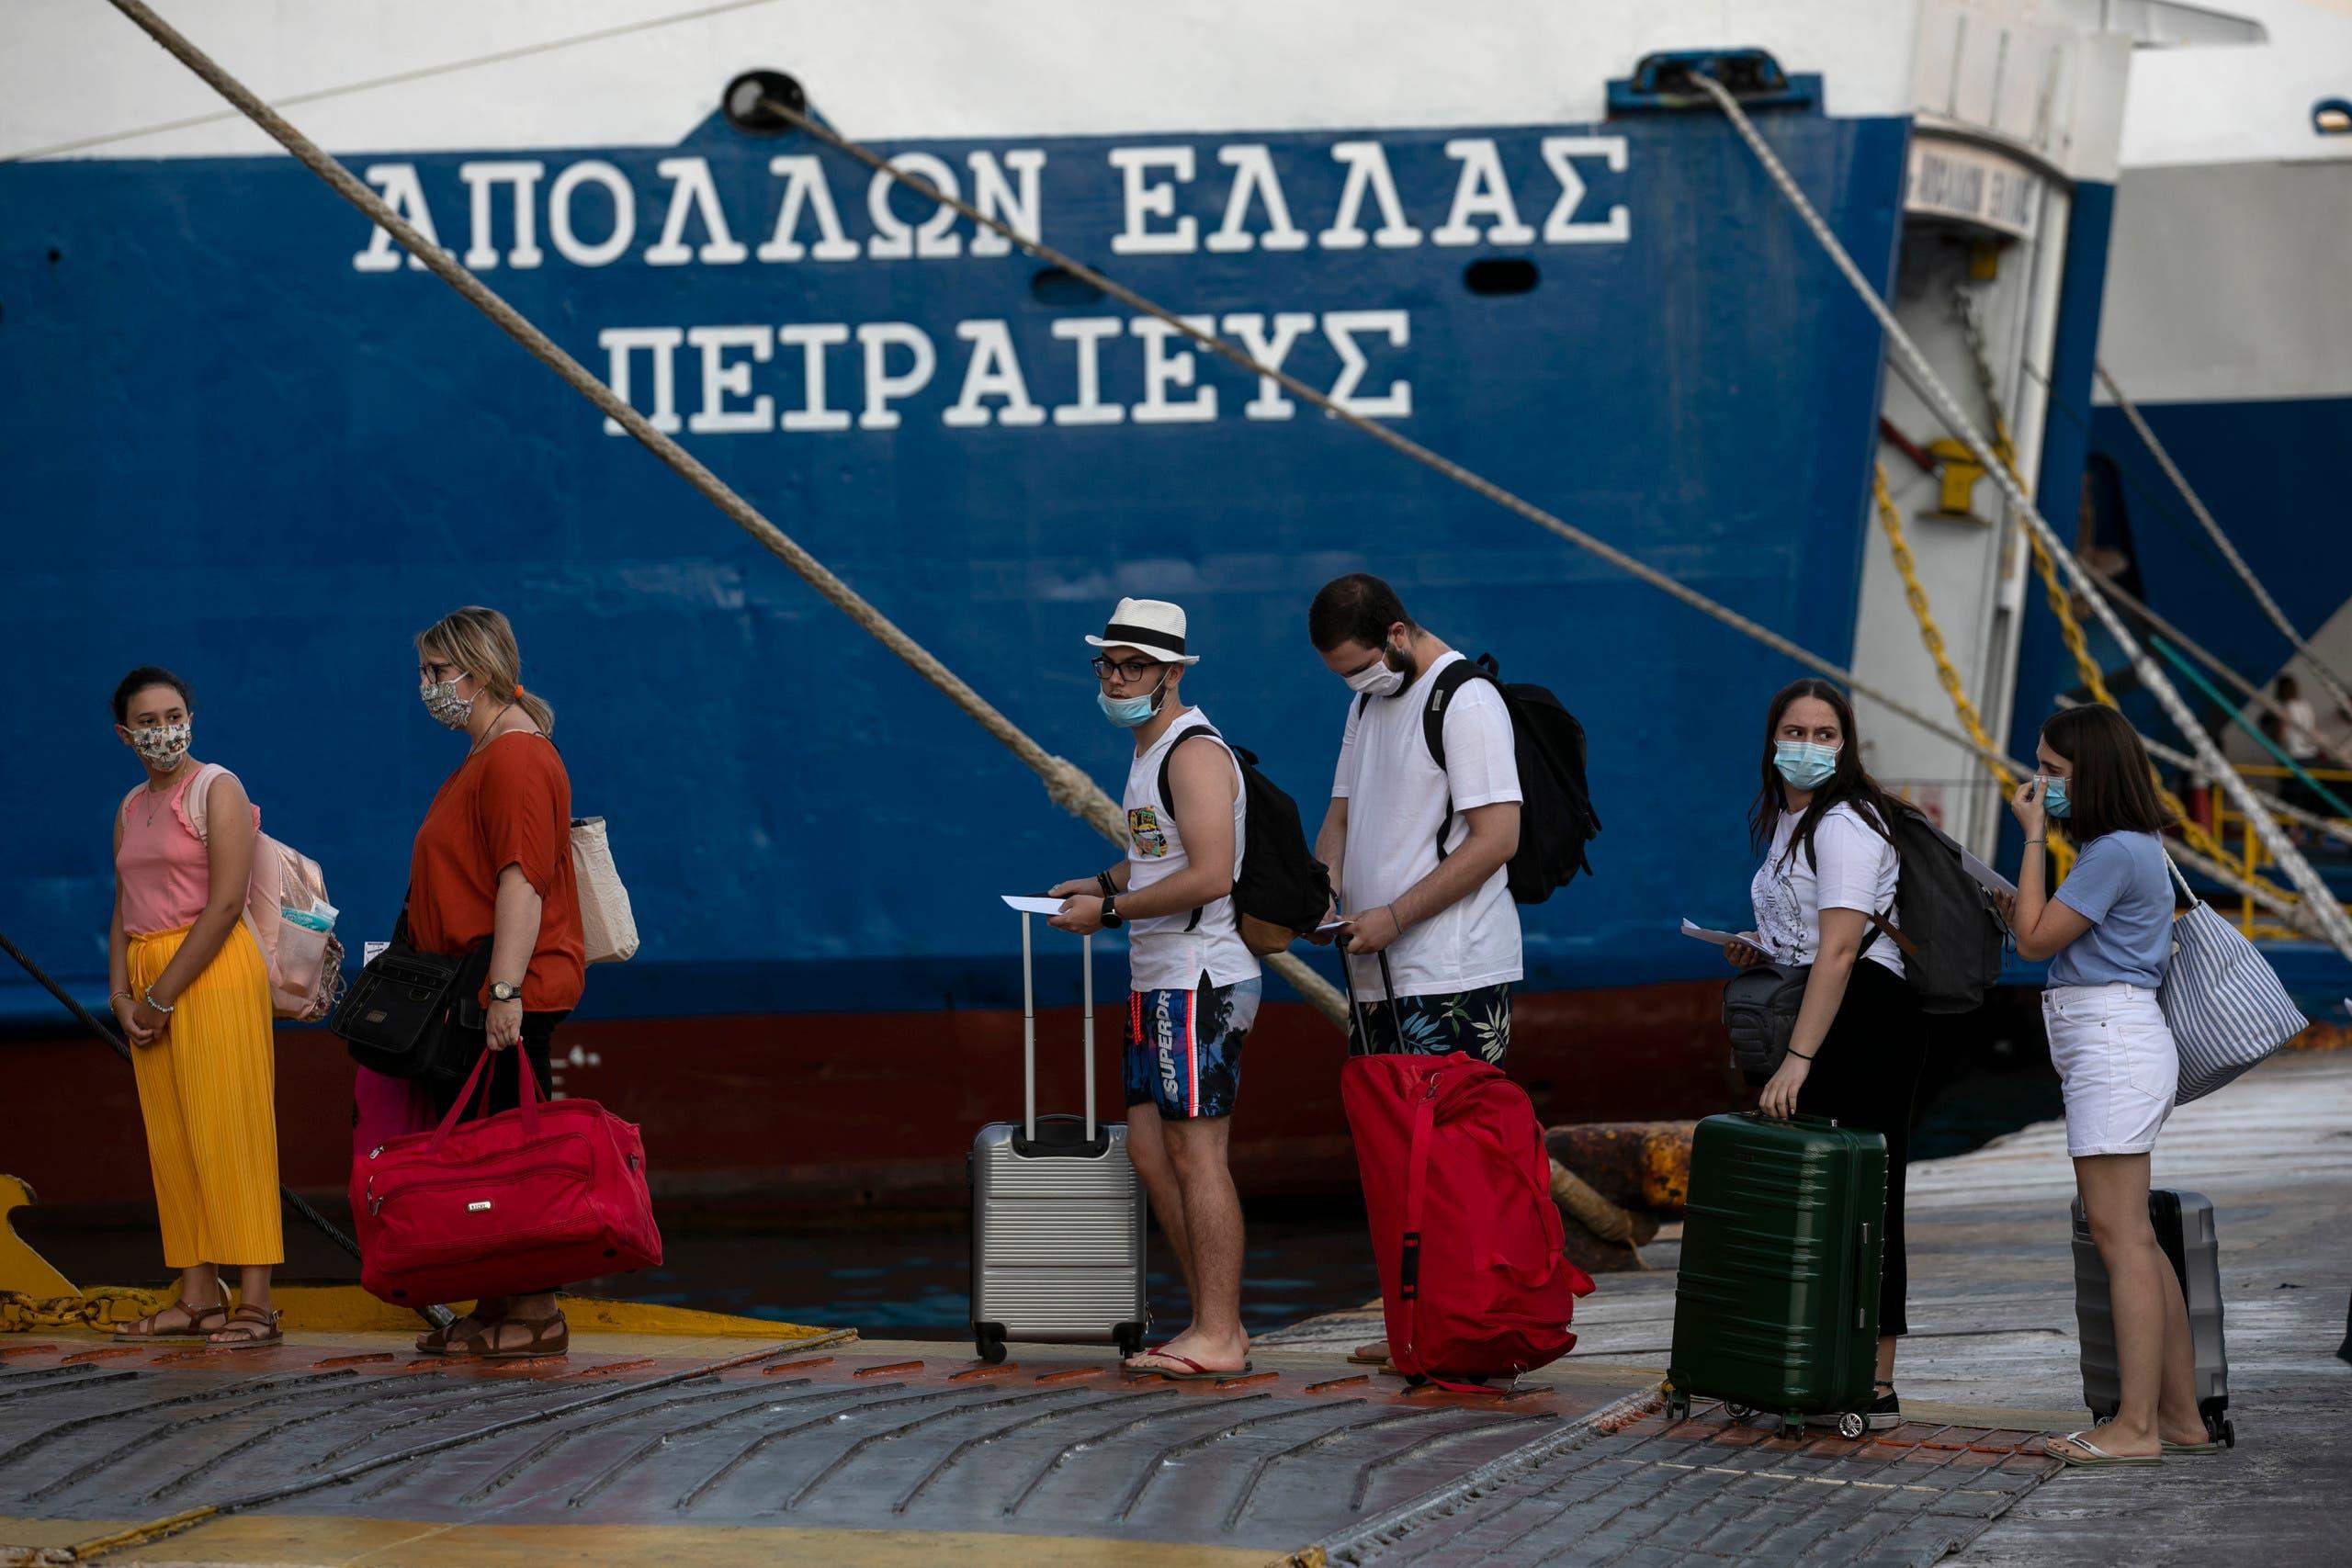 اكتظاظ خلال انتظار العبارات للتنقل بين الجزر اليونانية